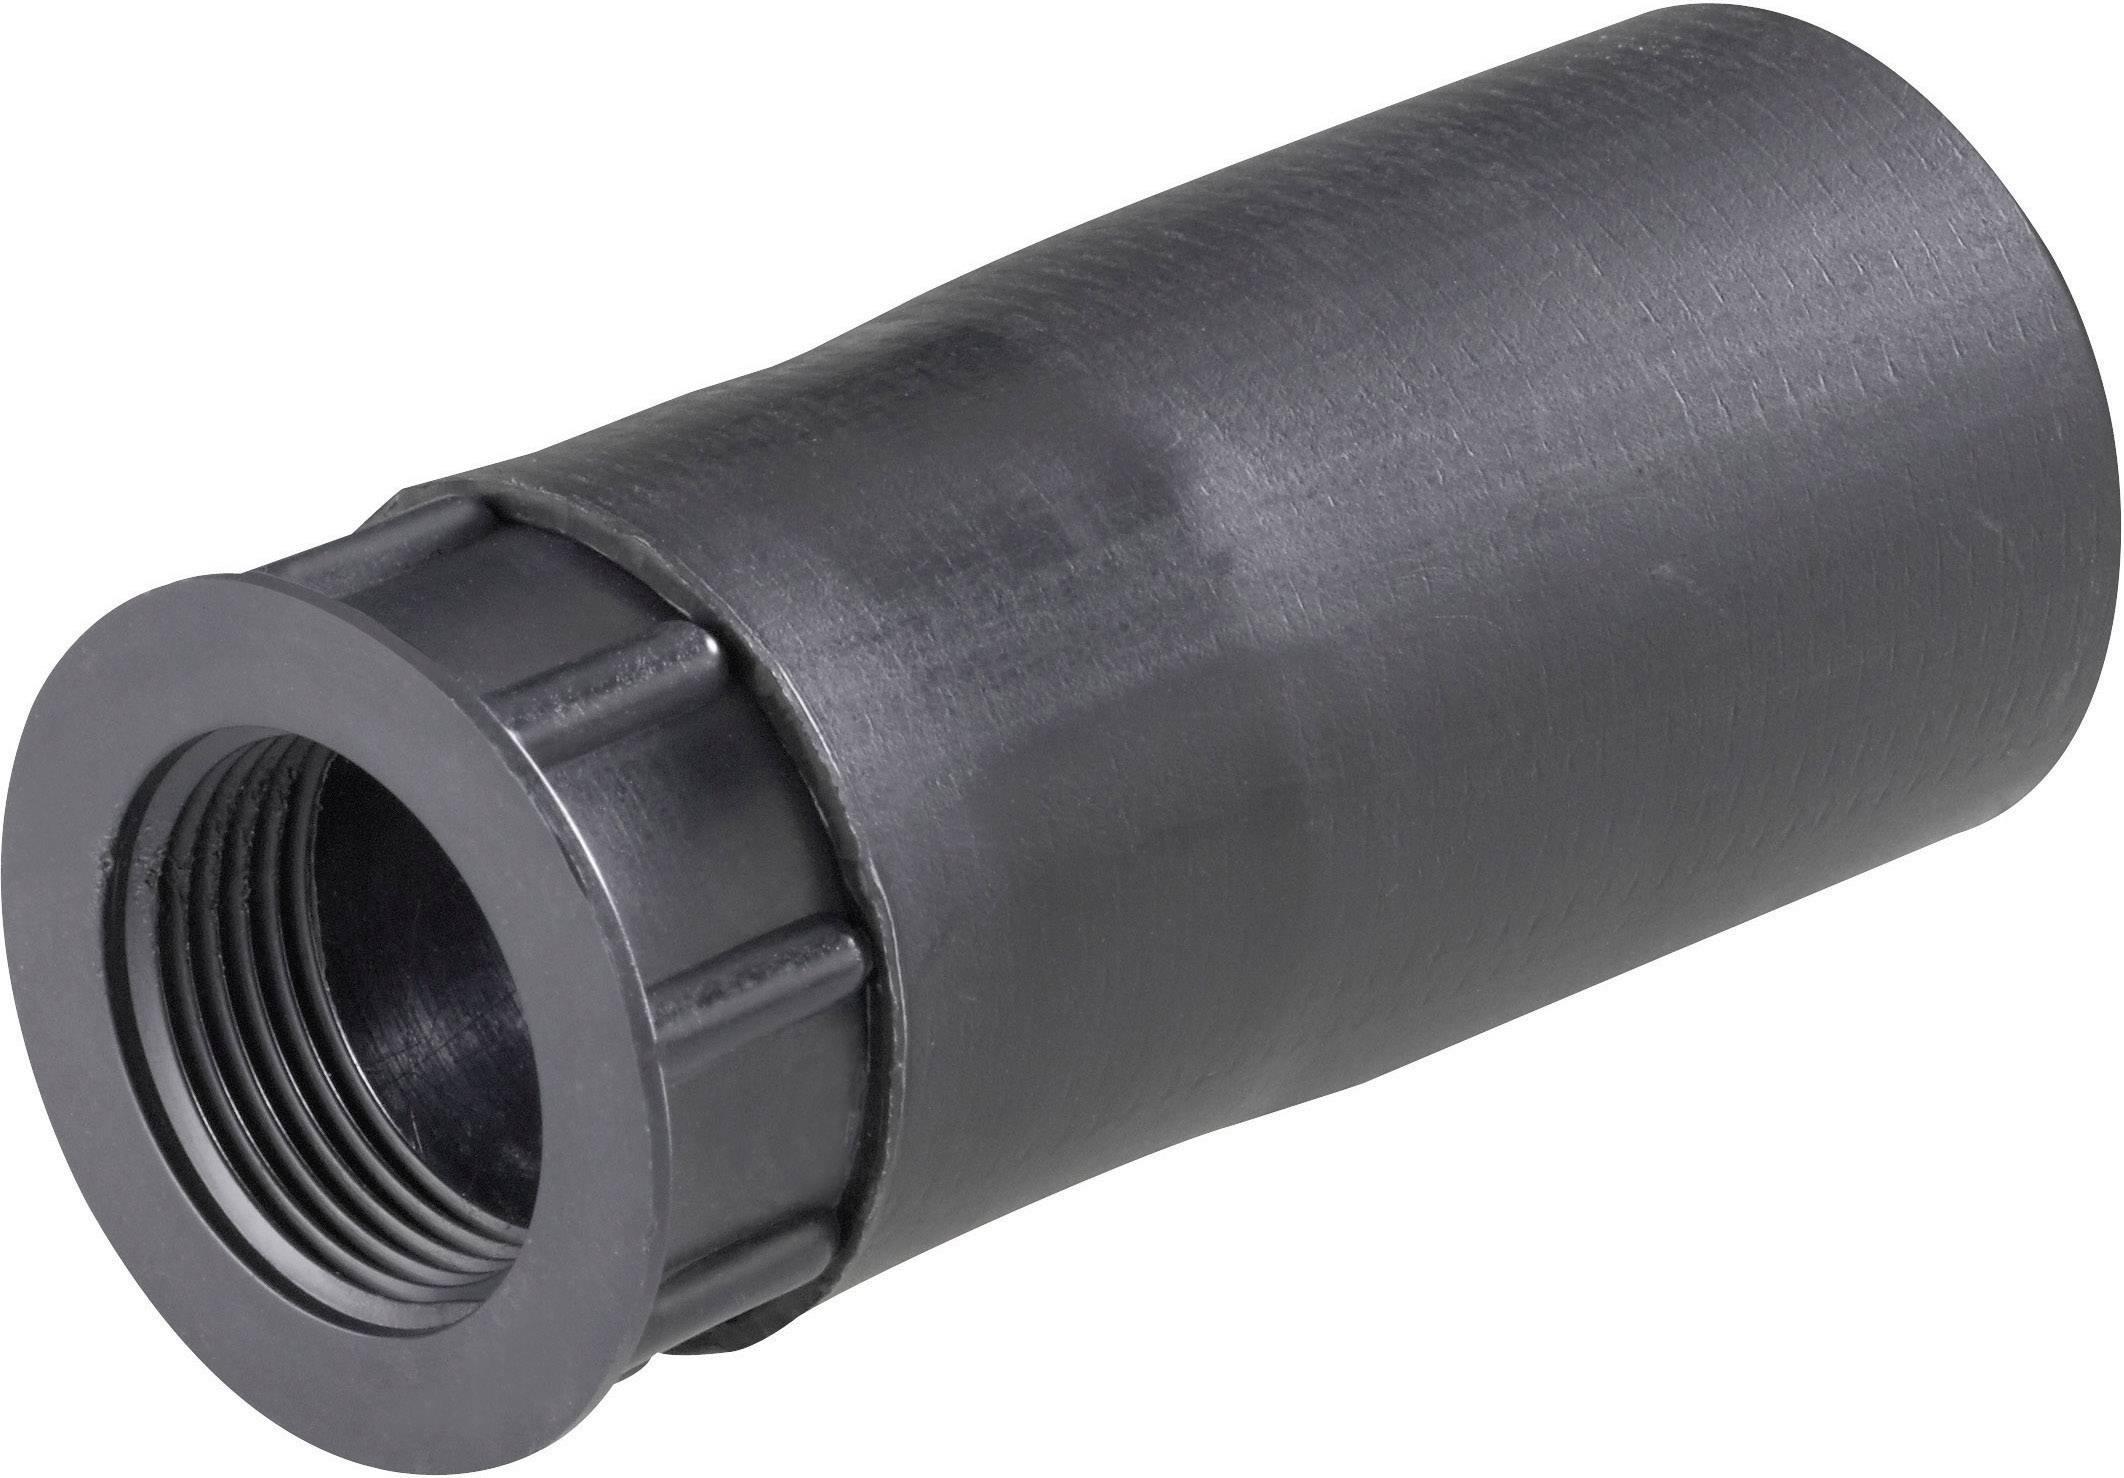 CPC, Průchodka PRO kabelOVÝIII+0,20-0,56mm2,24-20AWG